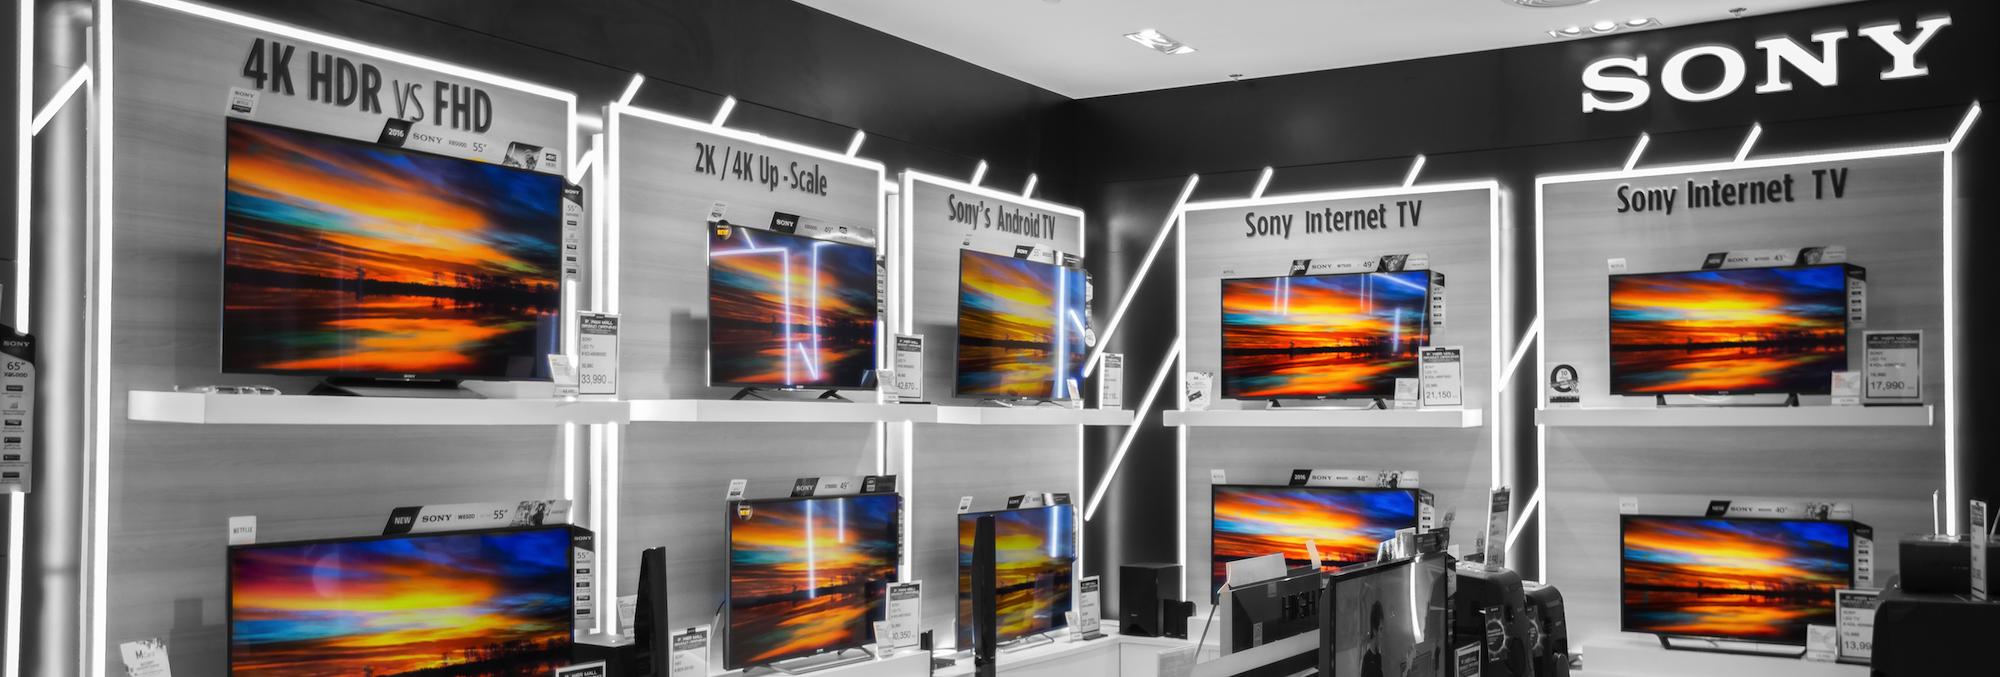 Sony image